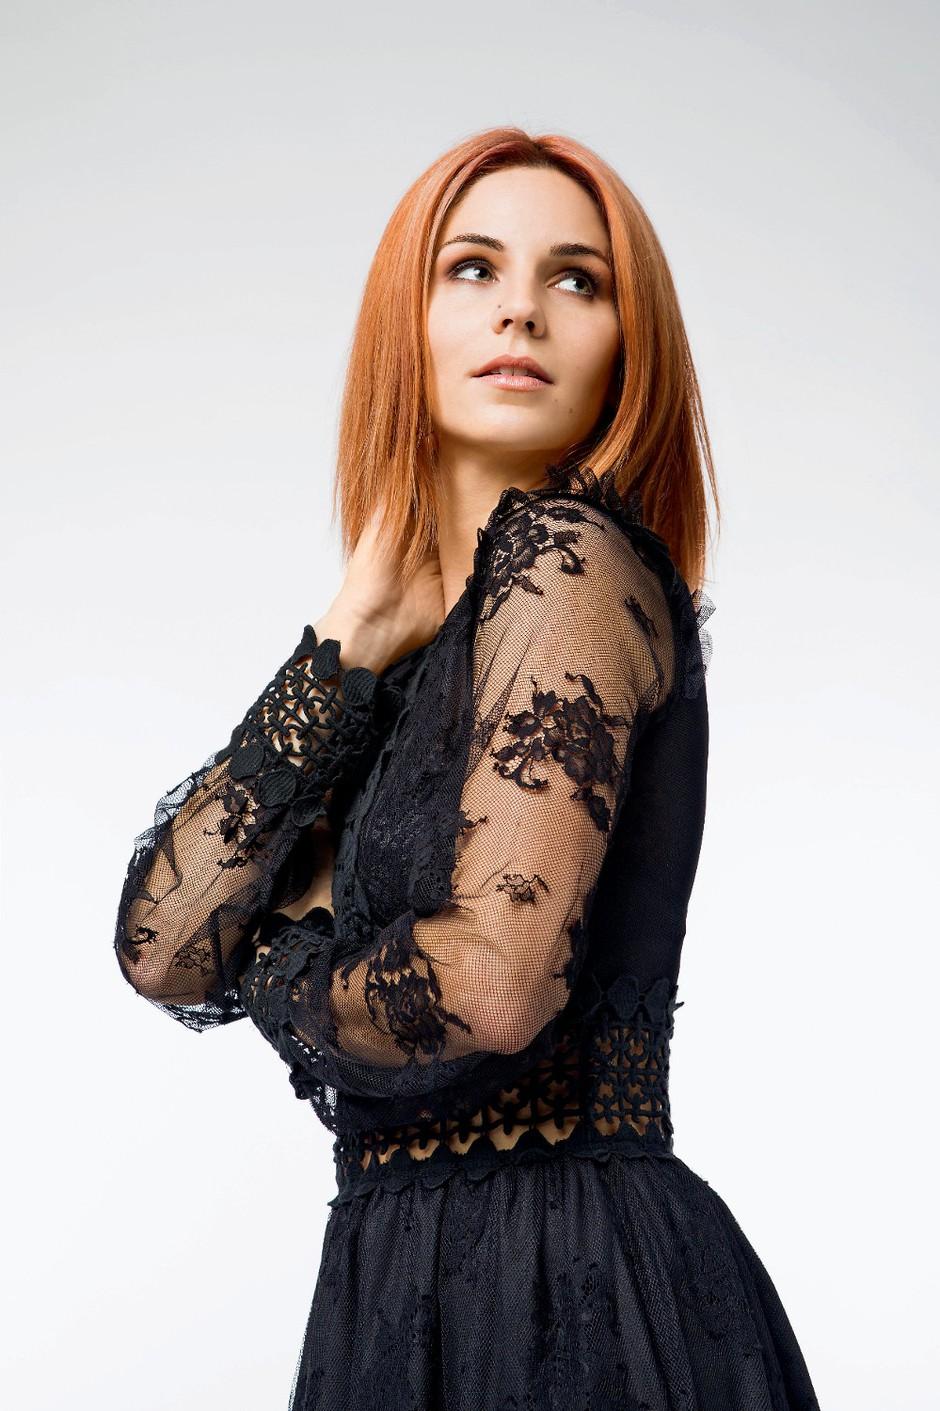 Lea Sirk bi s pesmijo napisano za Emo rada odprla novo poglavje (foto: osebni arhiv)